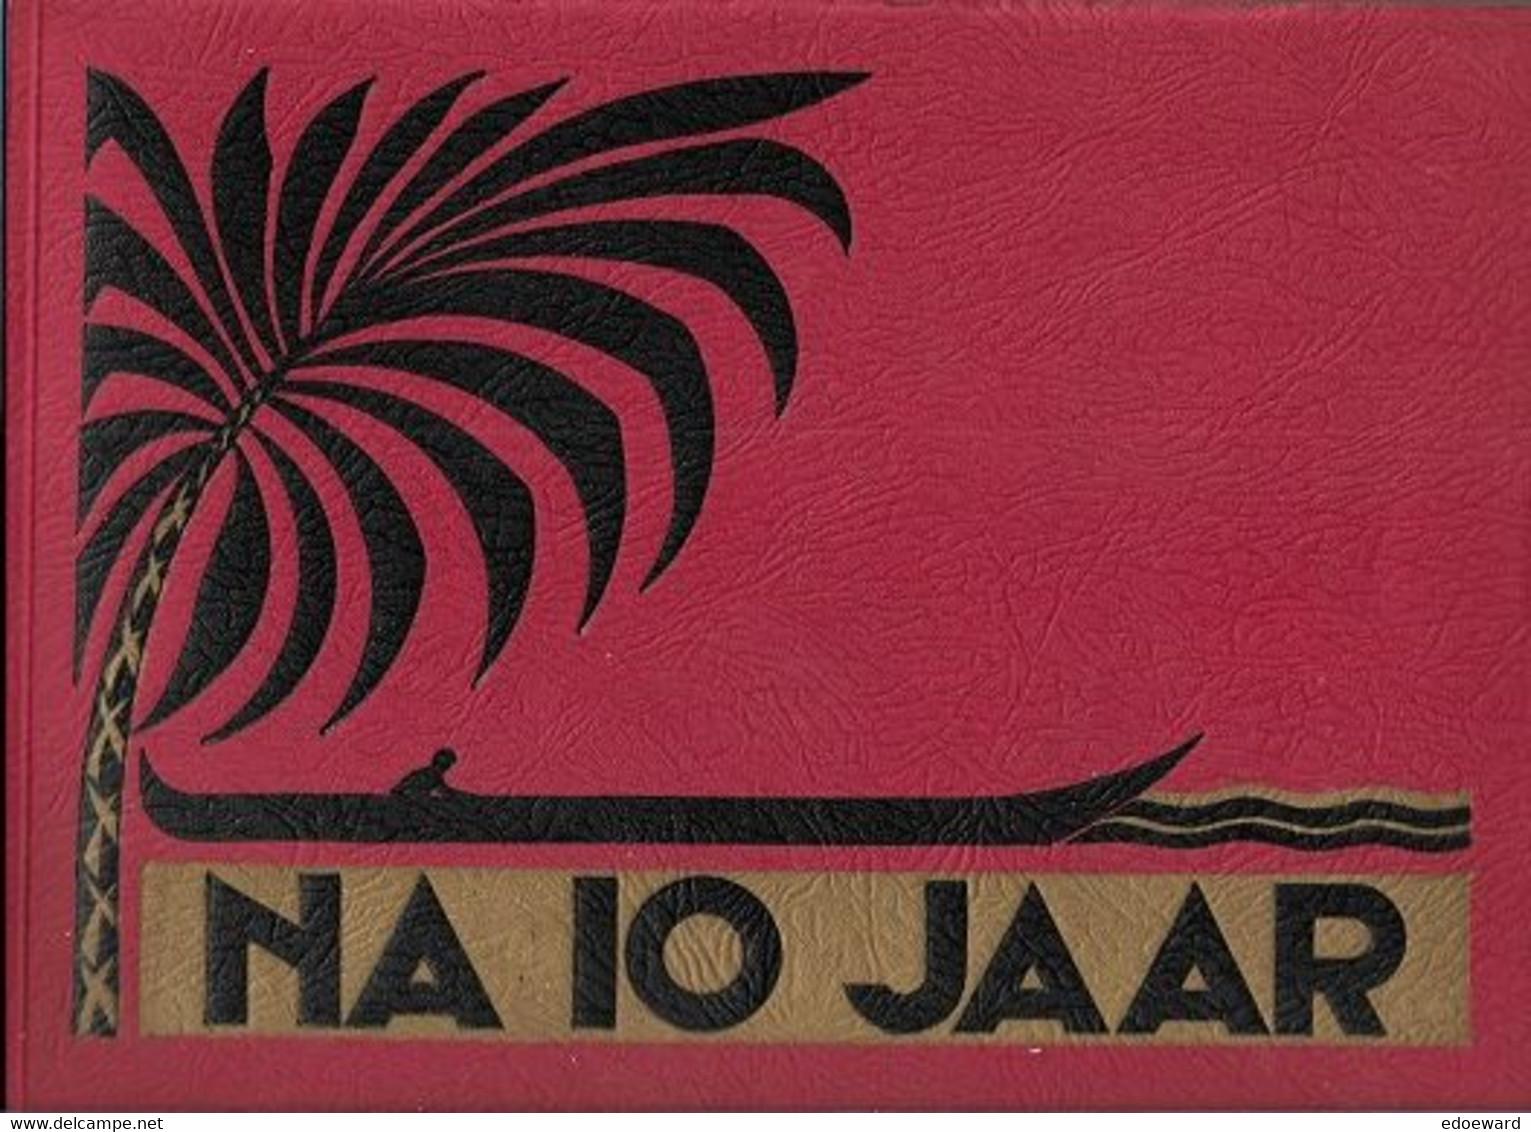 10 05 A/Q/    1938   TURNHOUT ZR VAN H.GRAF: 135 P  10 JAAR MISSIEPROCUUR  !!! MOOI TIJDSDOCUMENT  + VEEL FOTOS - Unclassified